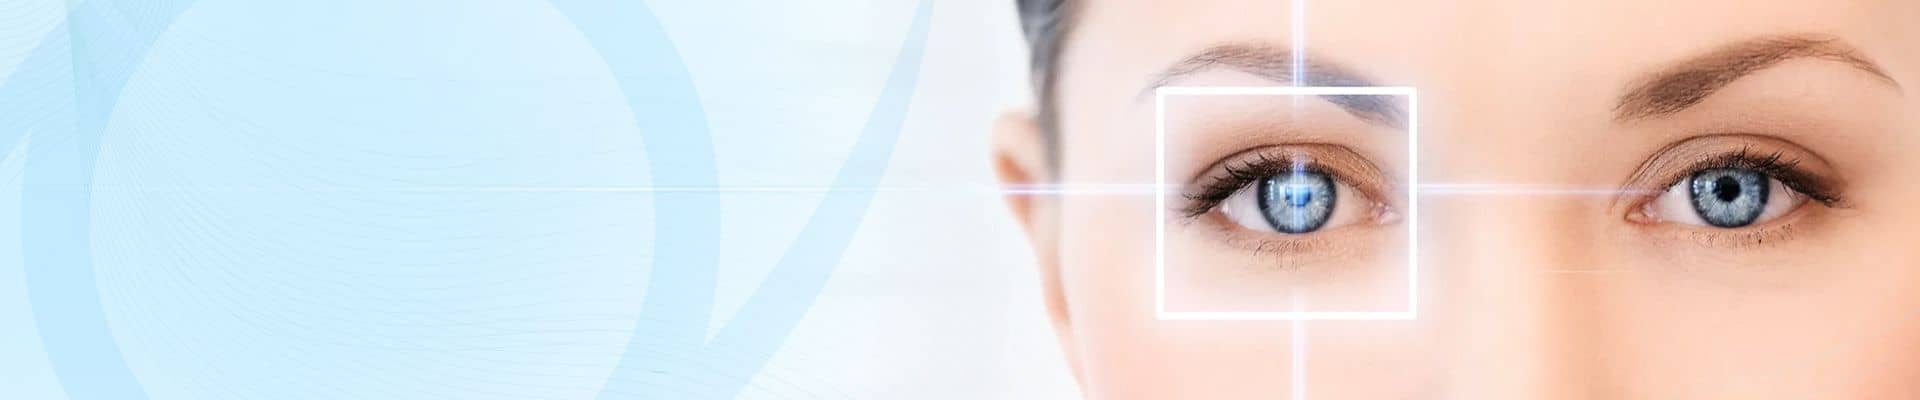 látás kezelés nélkül a látás nem látható